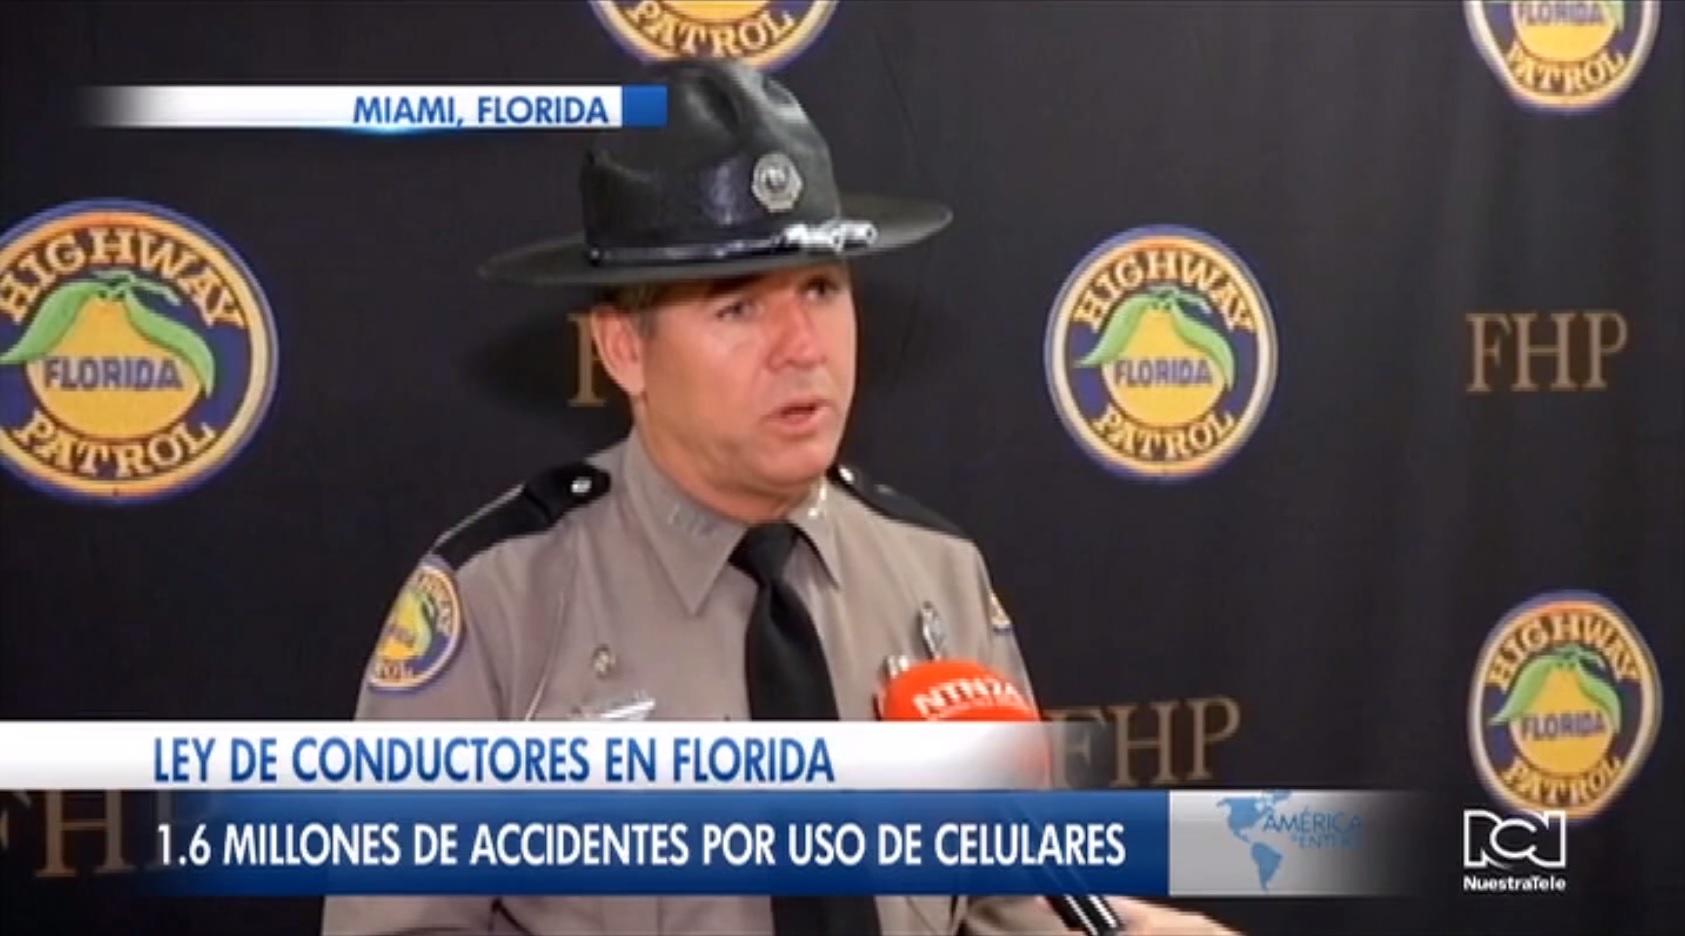 Conductores de la Florida empezarán a ser multados por enviar mensajes de texto mientras manejan